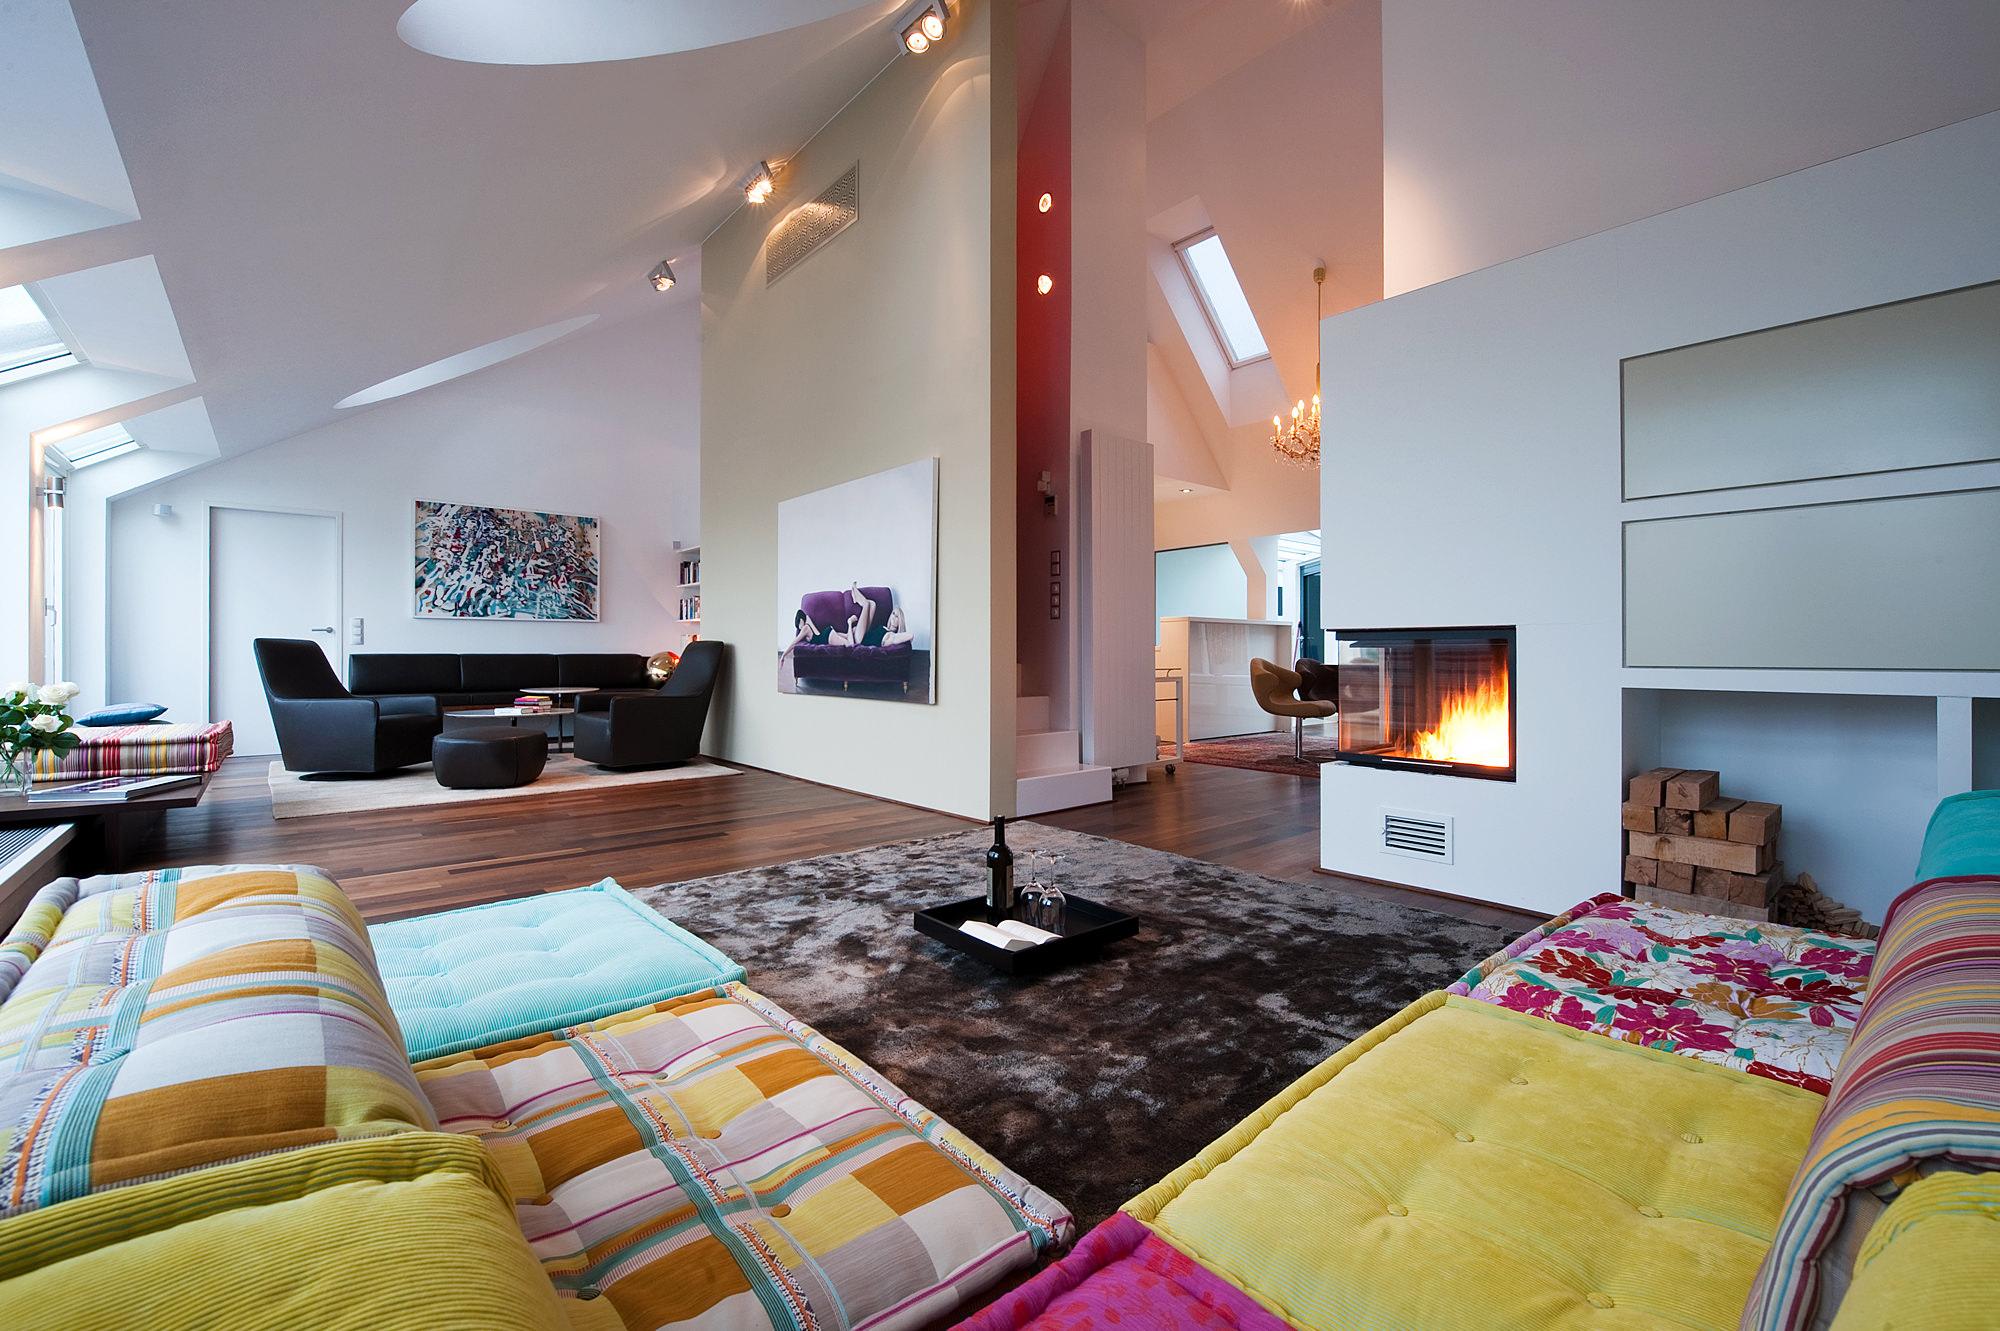 penthouse_wien_4_02_umbau_und_innenraumgestaltung_einer_dachgeschosswohnung__junger_beer_architektur